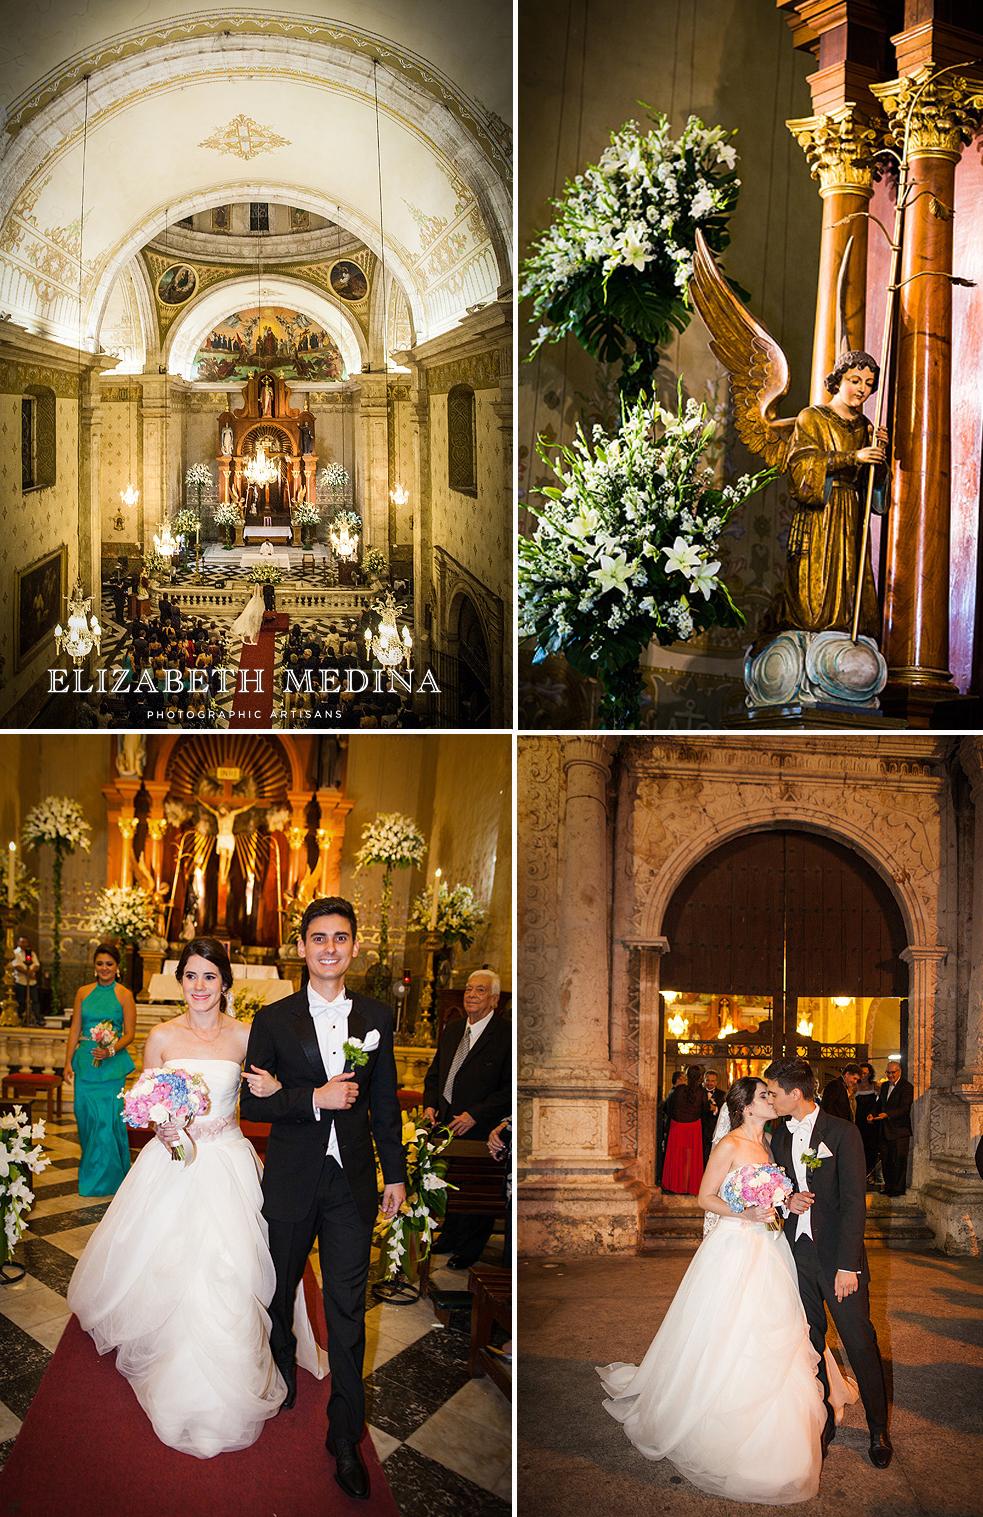 merida_wedding_elizabeth_medina_0014 Boda en Merida, Quinta Montes Molina 03 14 2015